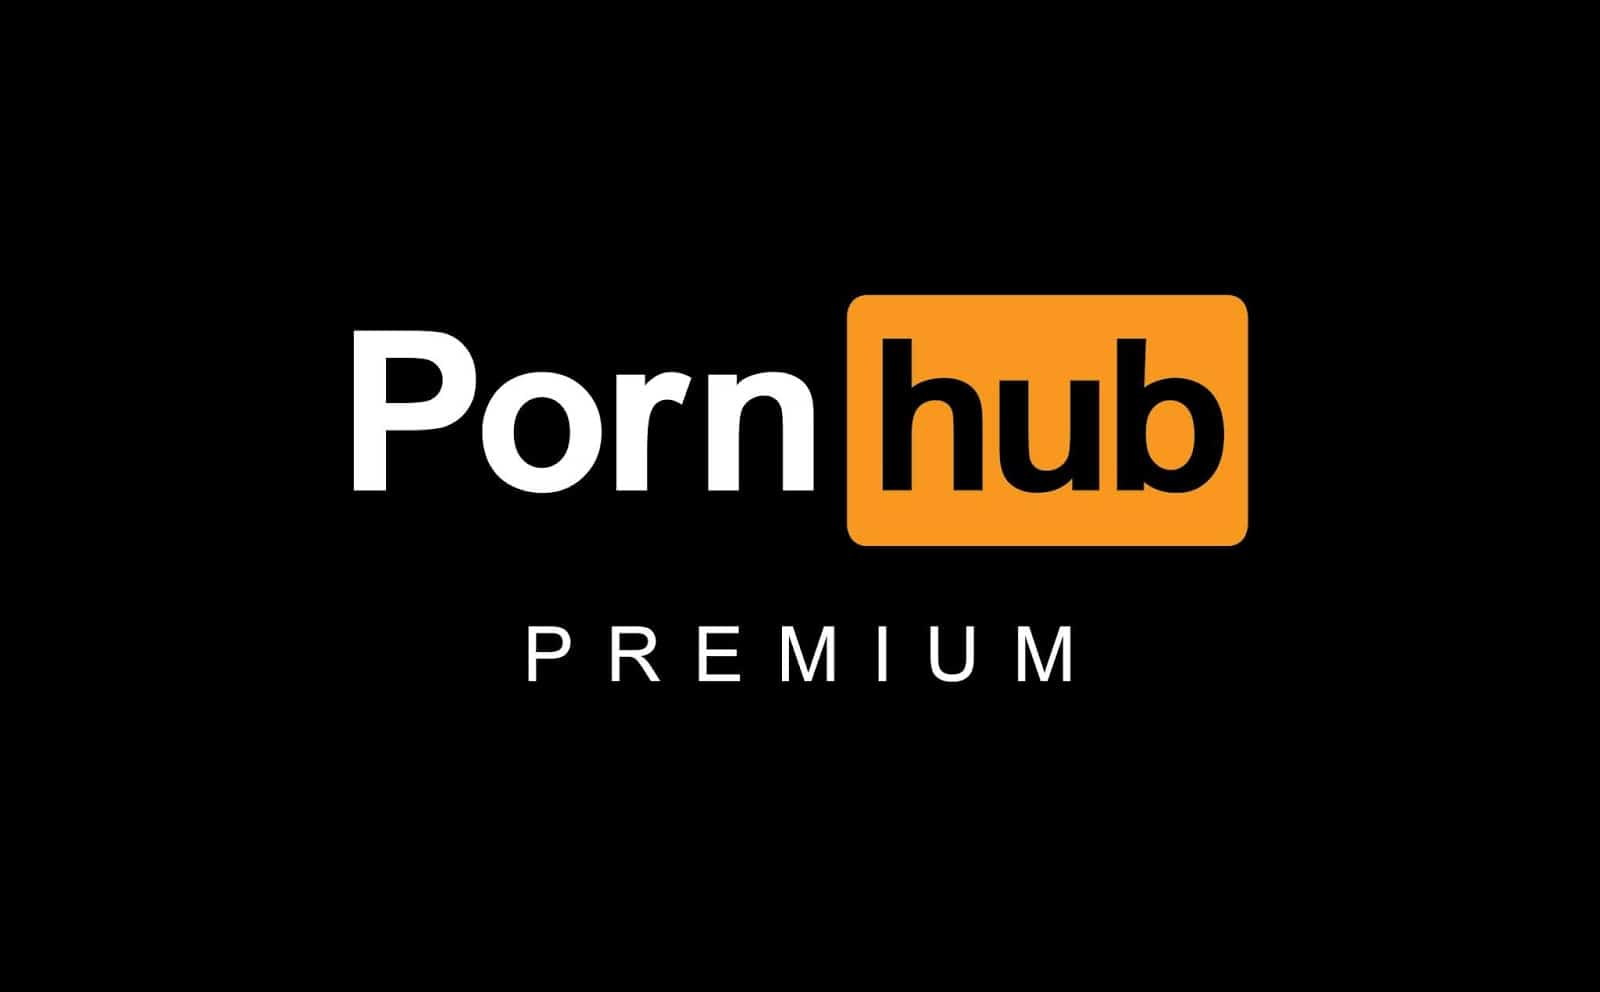 Pornh ub